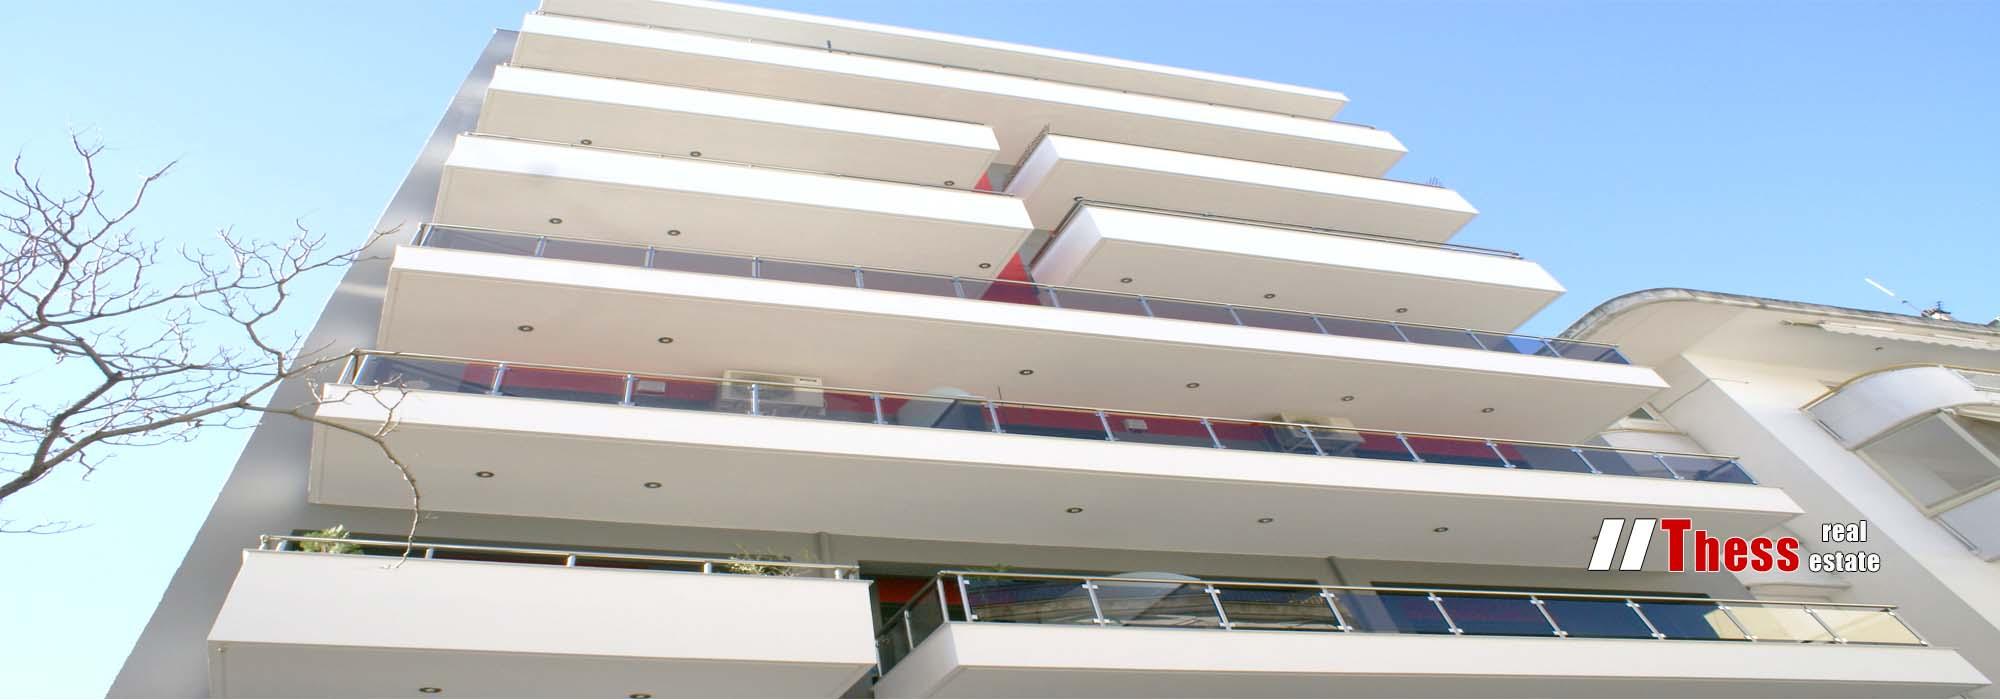 Διαμέρισμα 80τμ – Κάτω Τούμπα